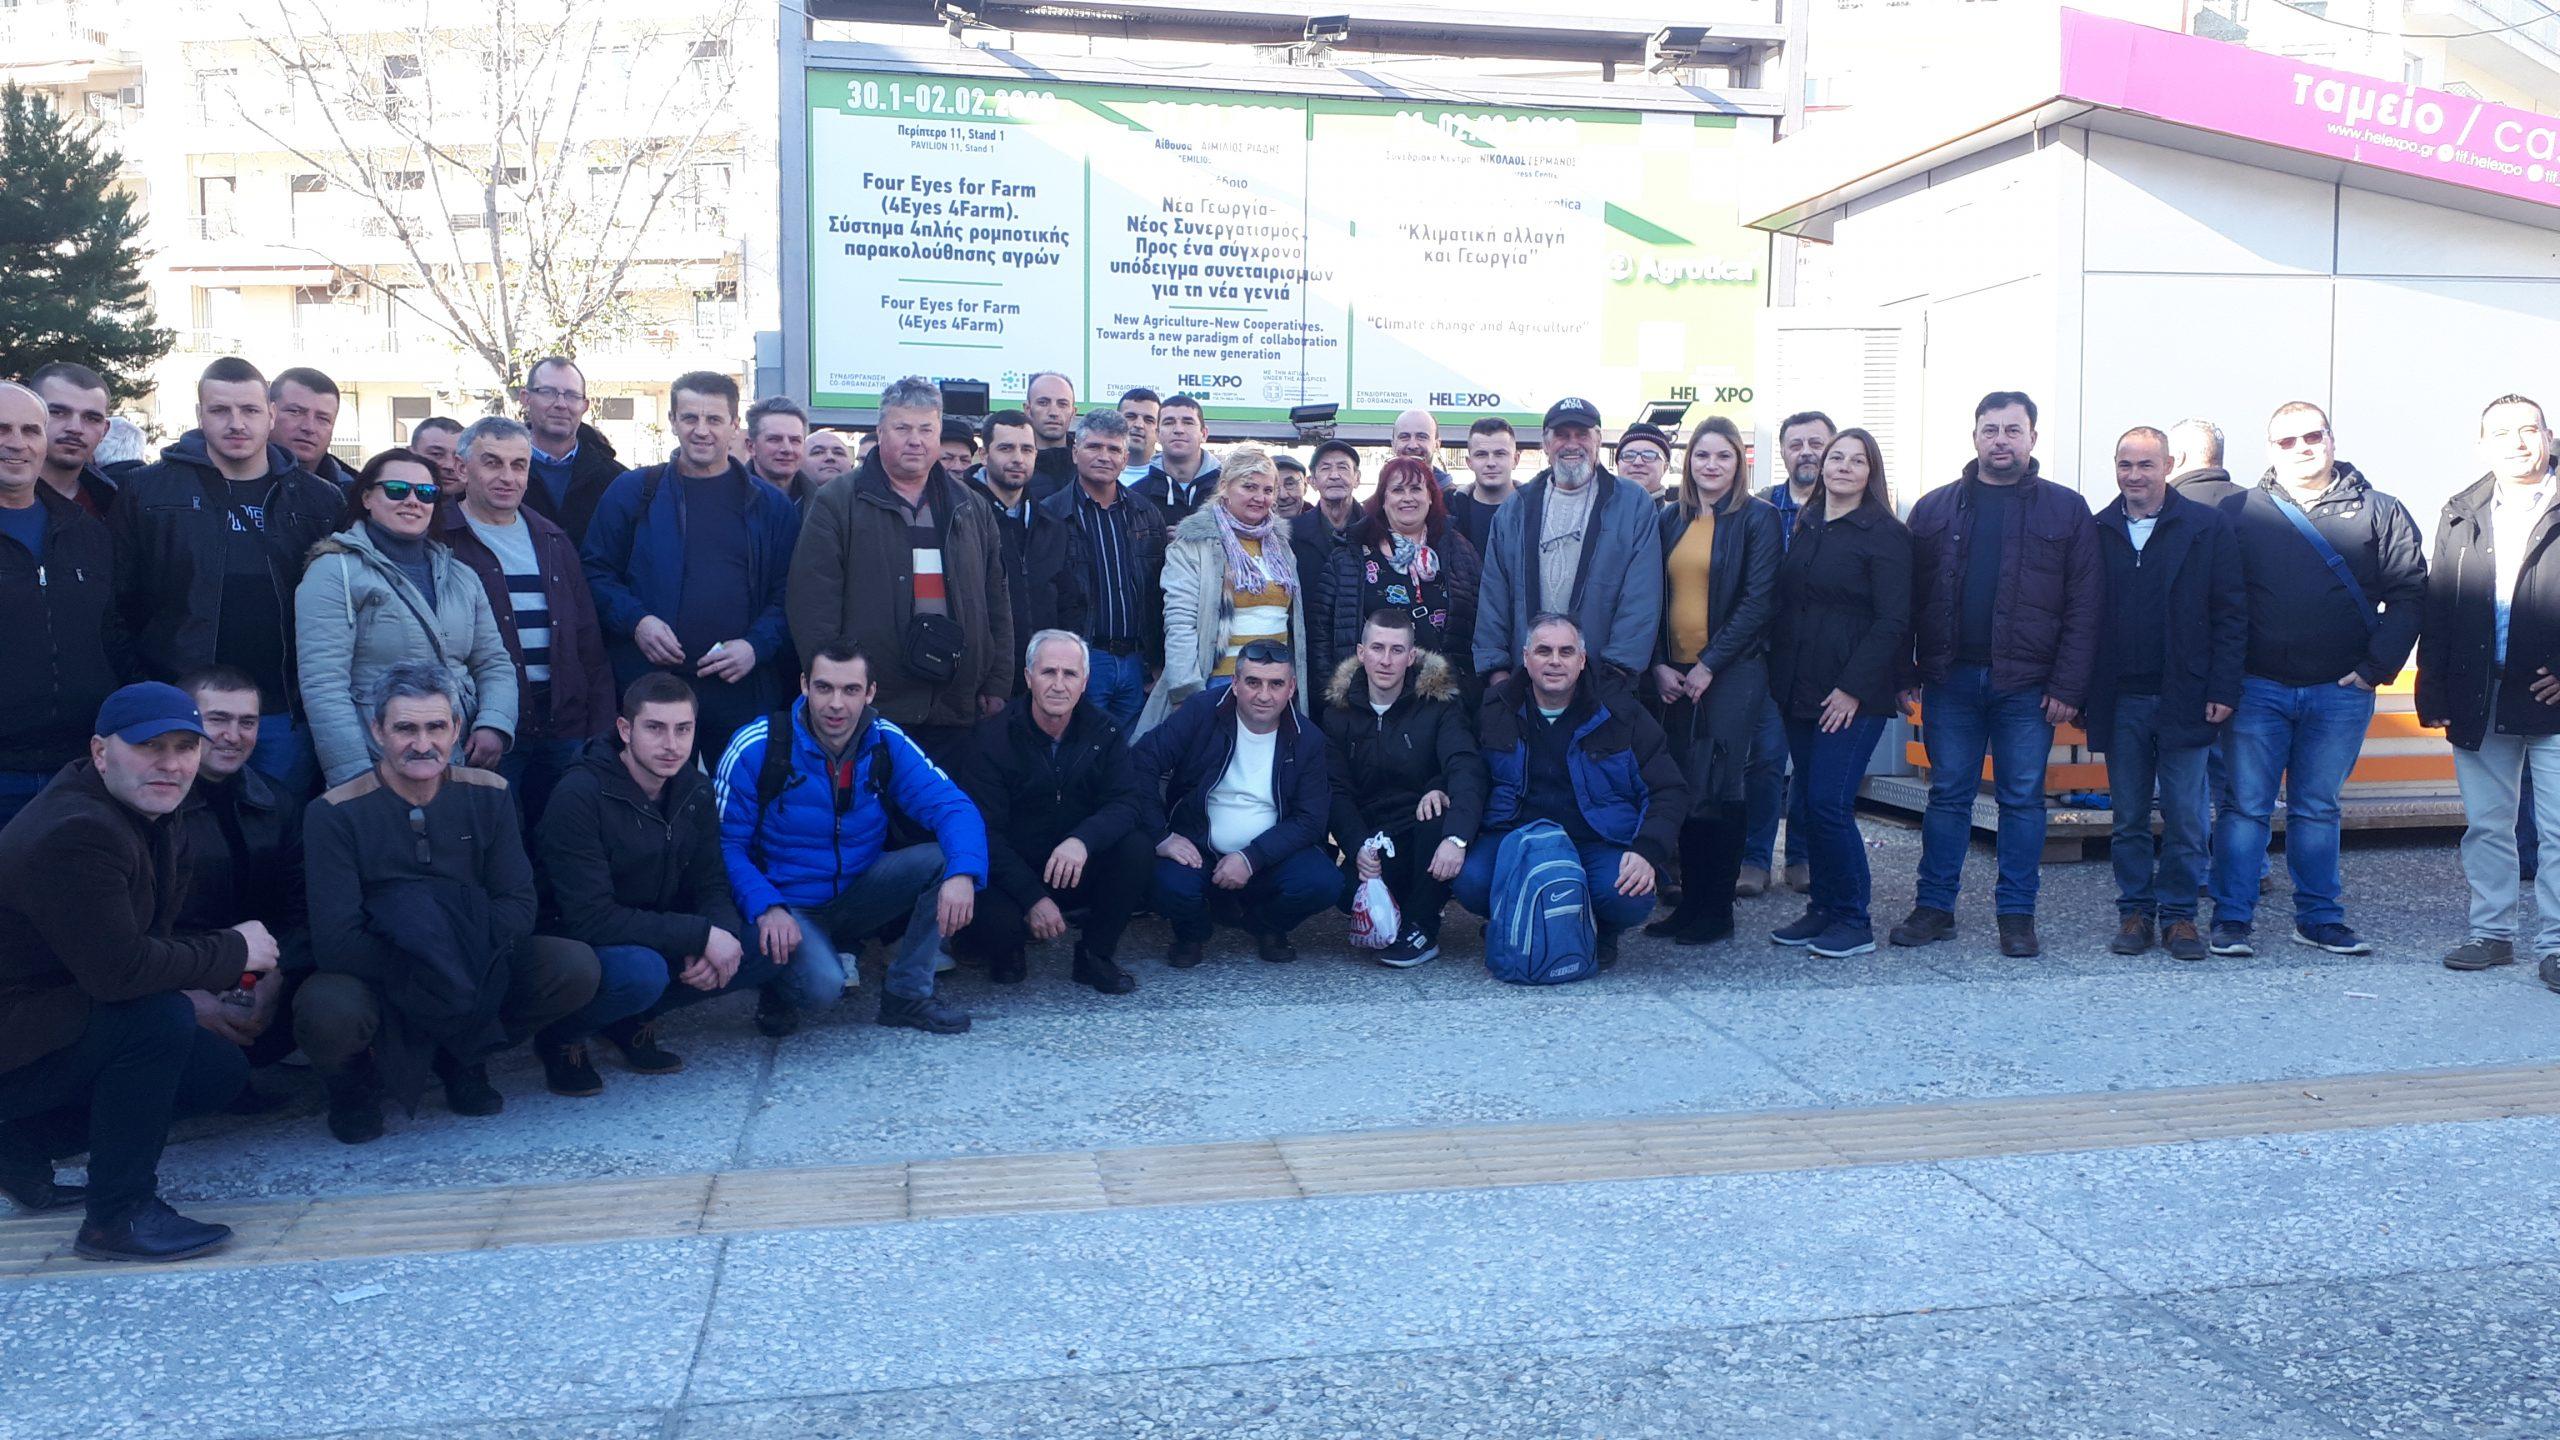 50 земјоделци во организација на НФФ на земјоделски саем во Солун